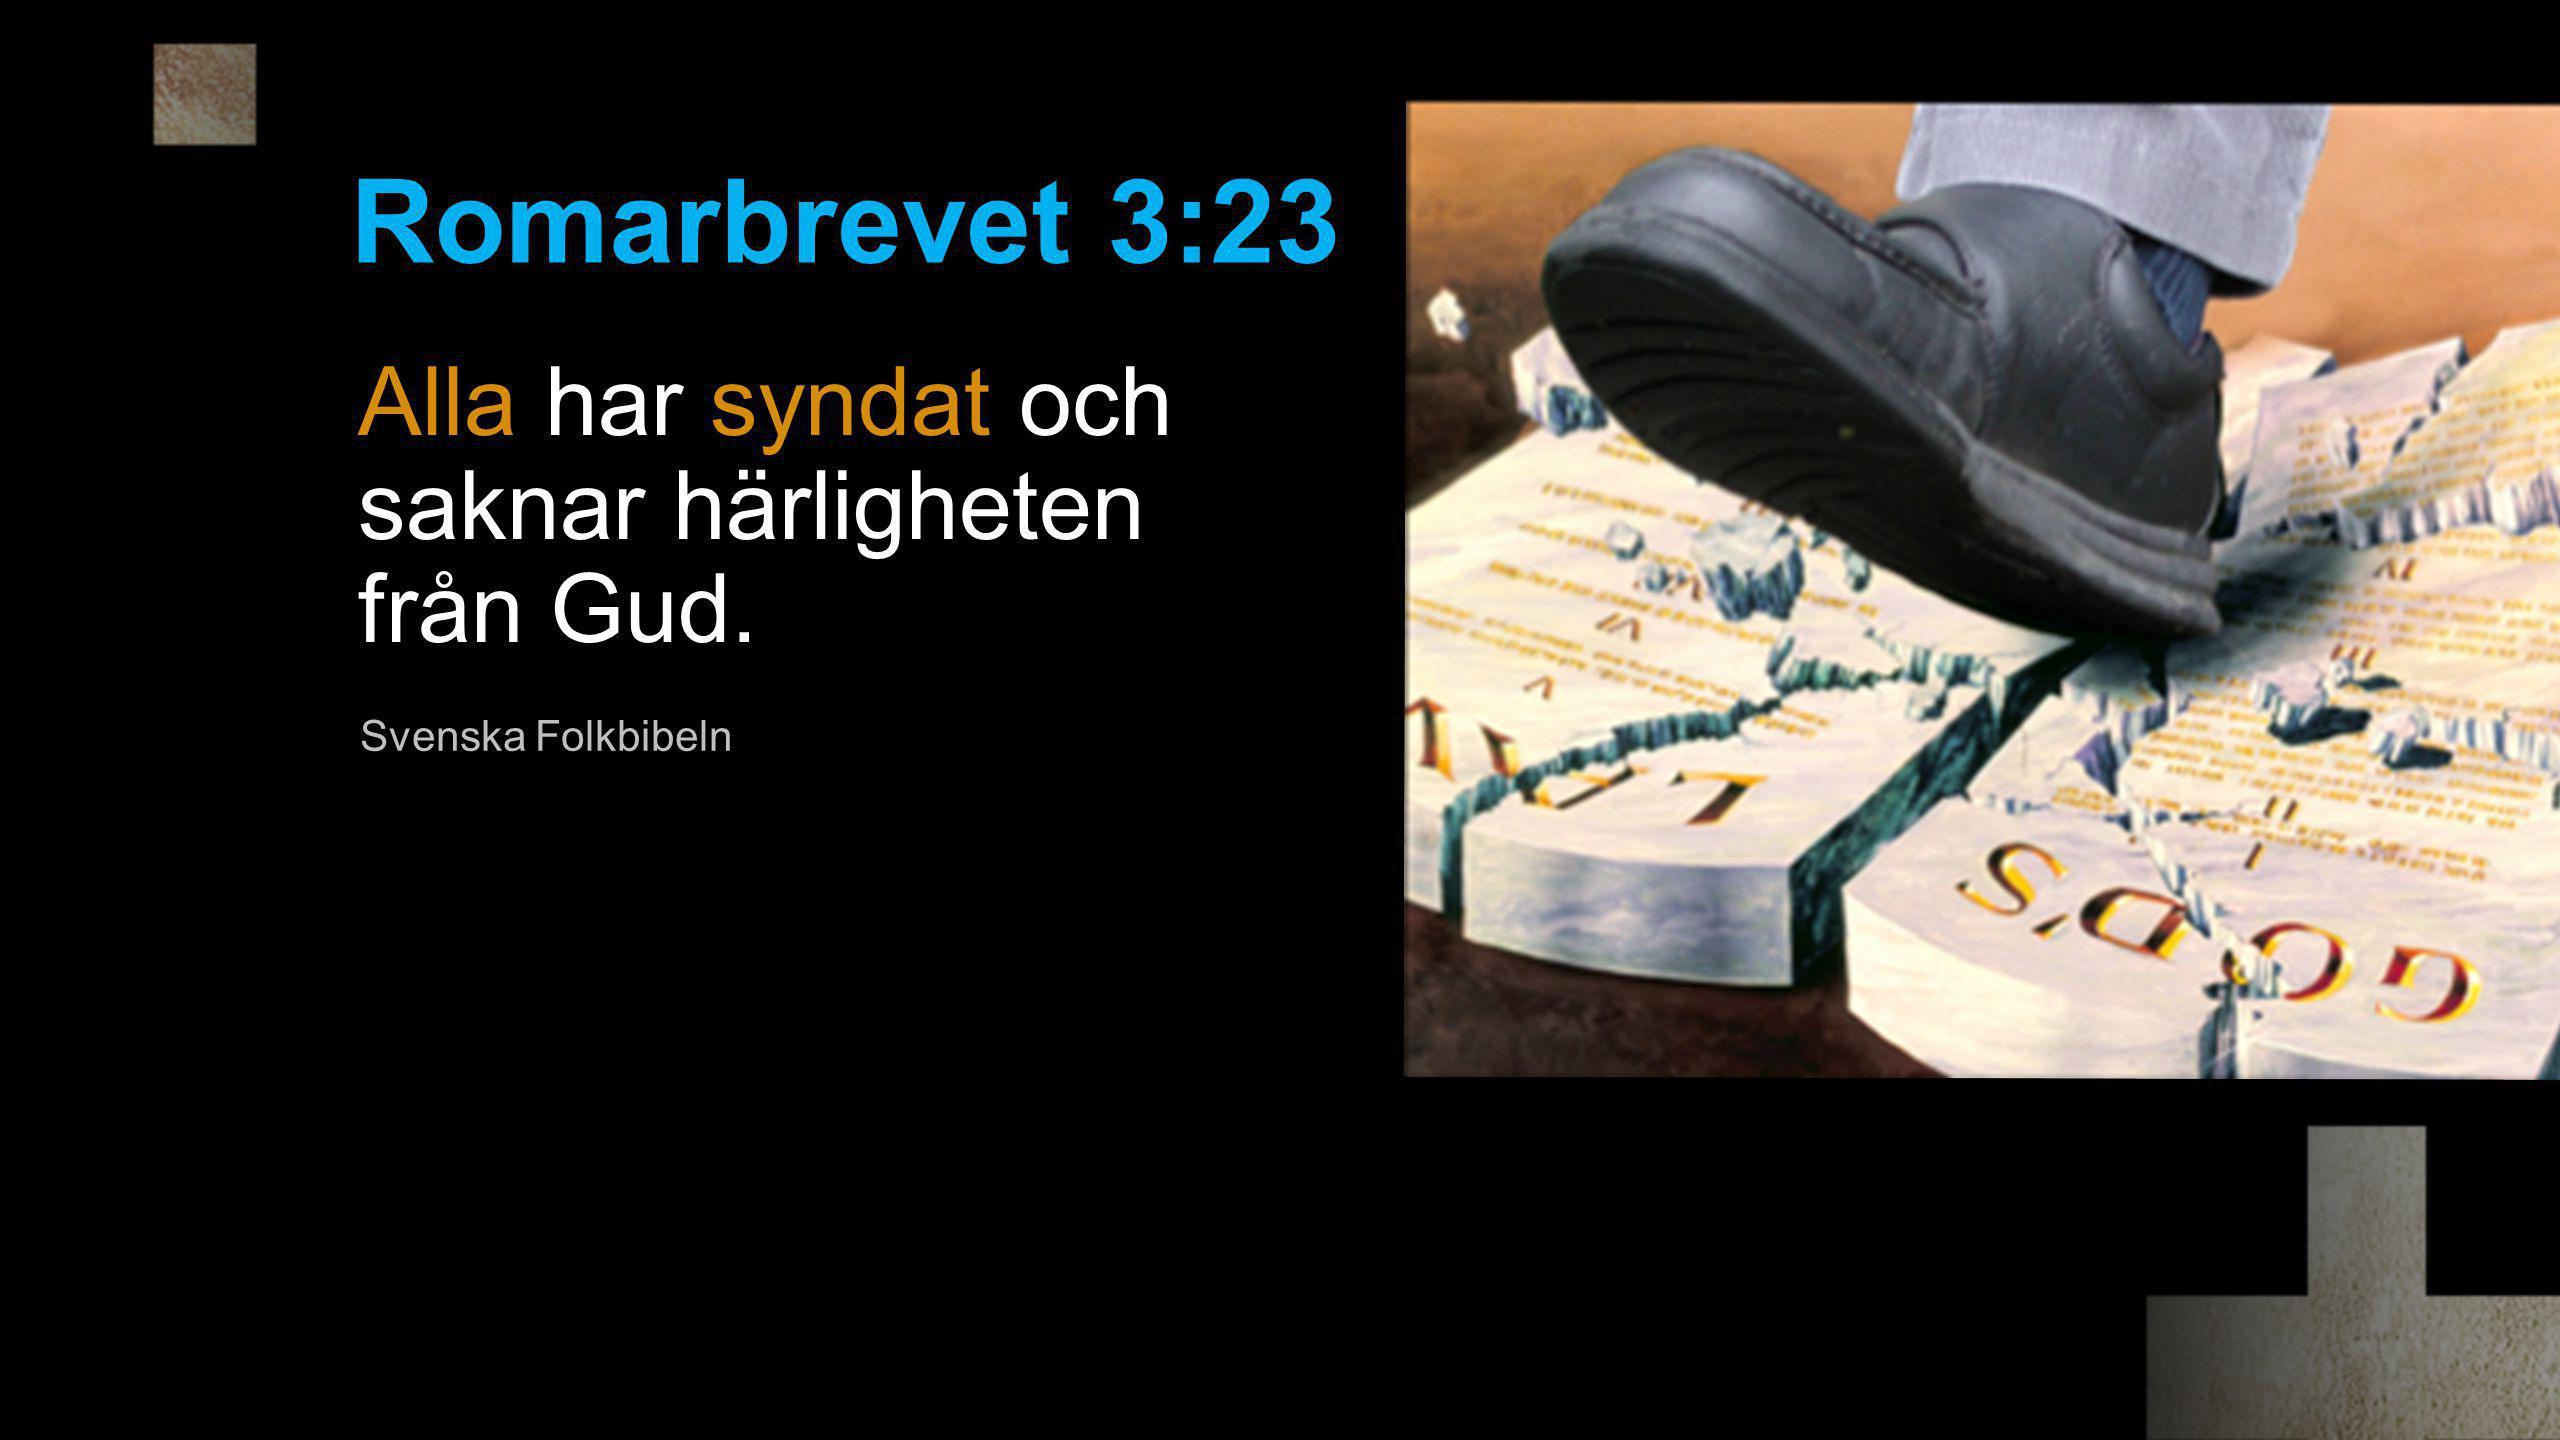 Alla har syndat och saknar härligheten från Gud. Romarbrevet 3:23 Svenska Folkbibeln